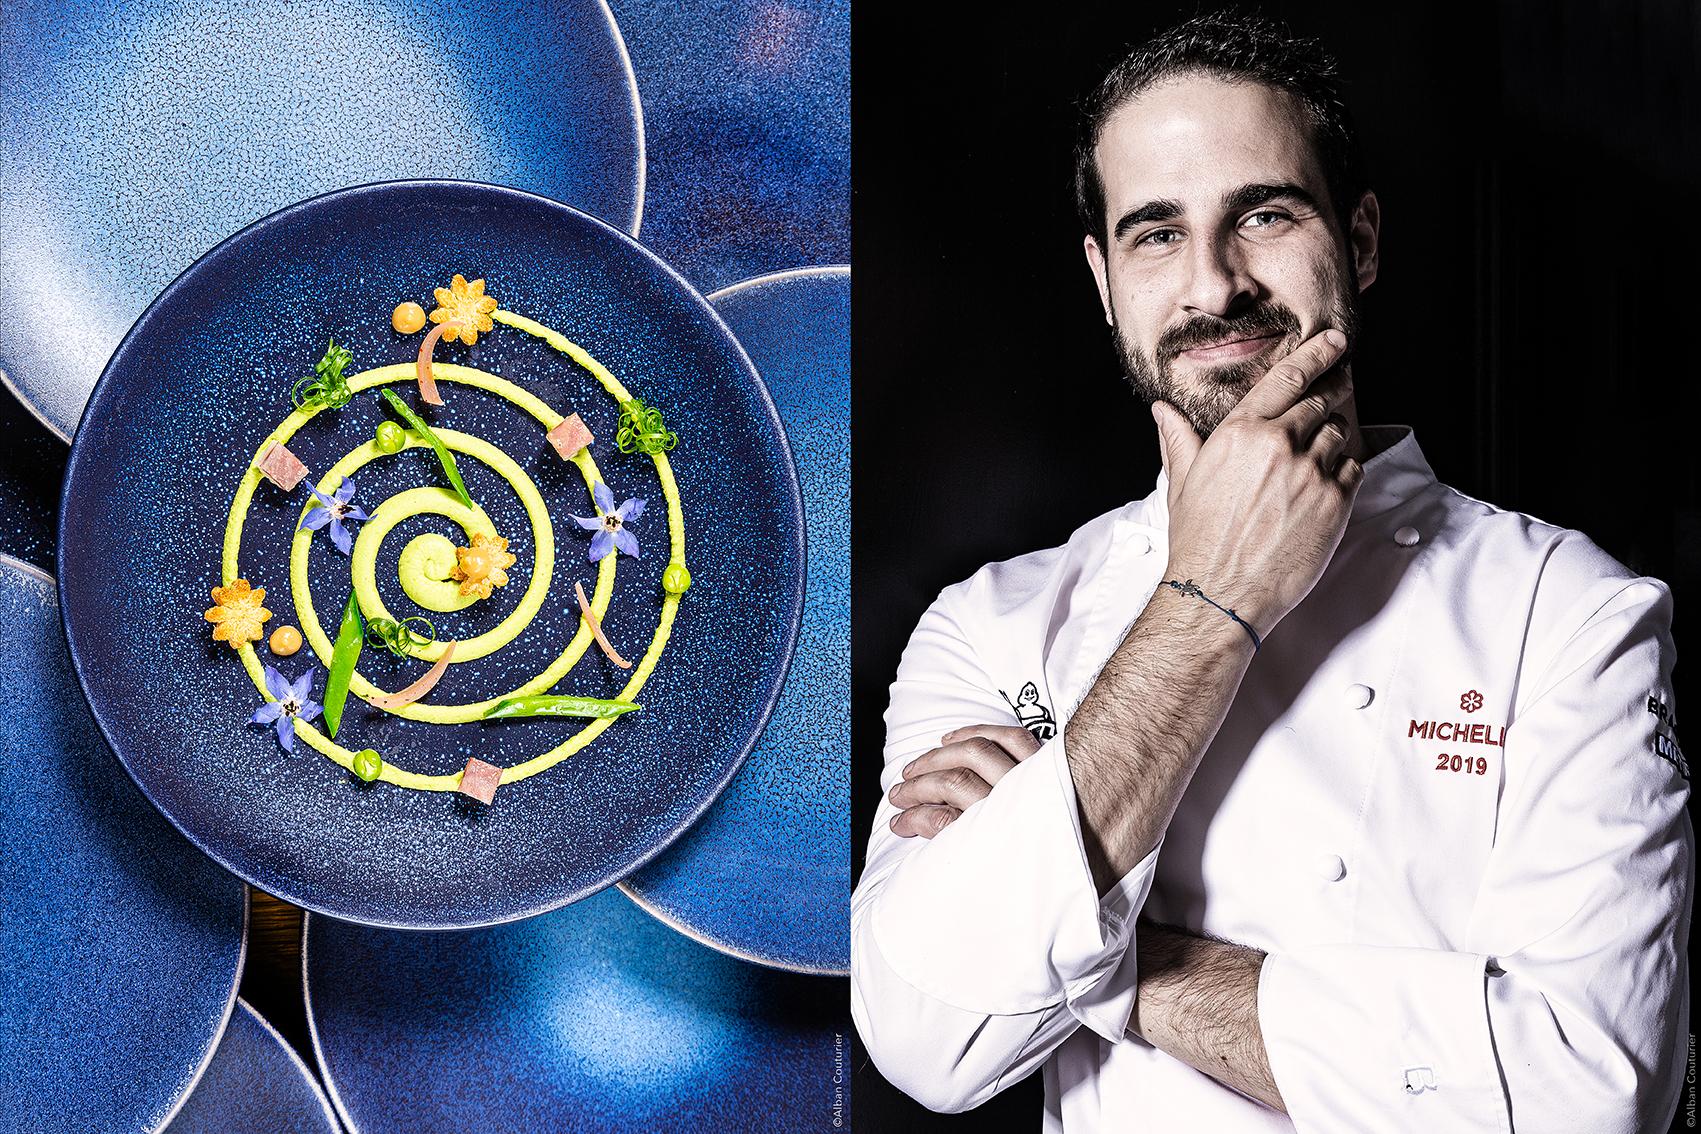 Portrait et recette, chef  Patissier et ami  Remi Berment, 1 etoile au guide Michelin, restaurant l Evidence, Montbazon ©Alban Couturier